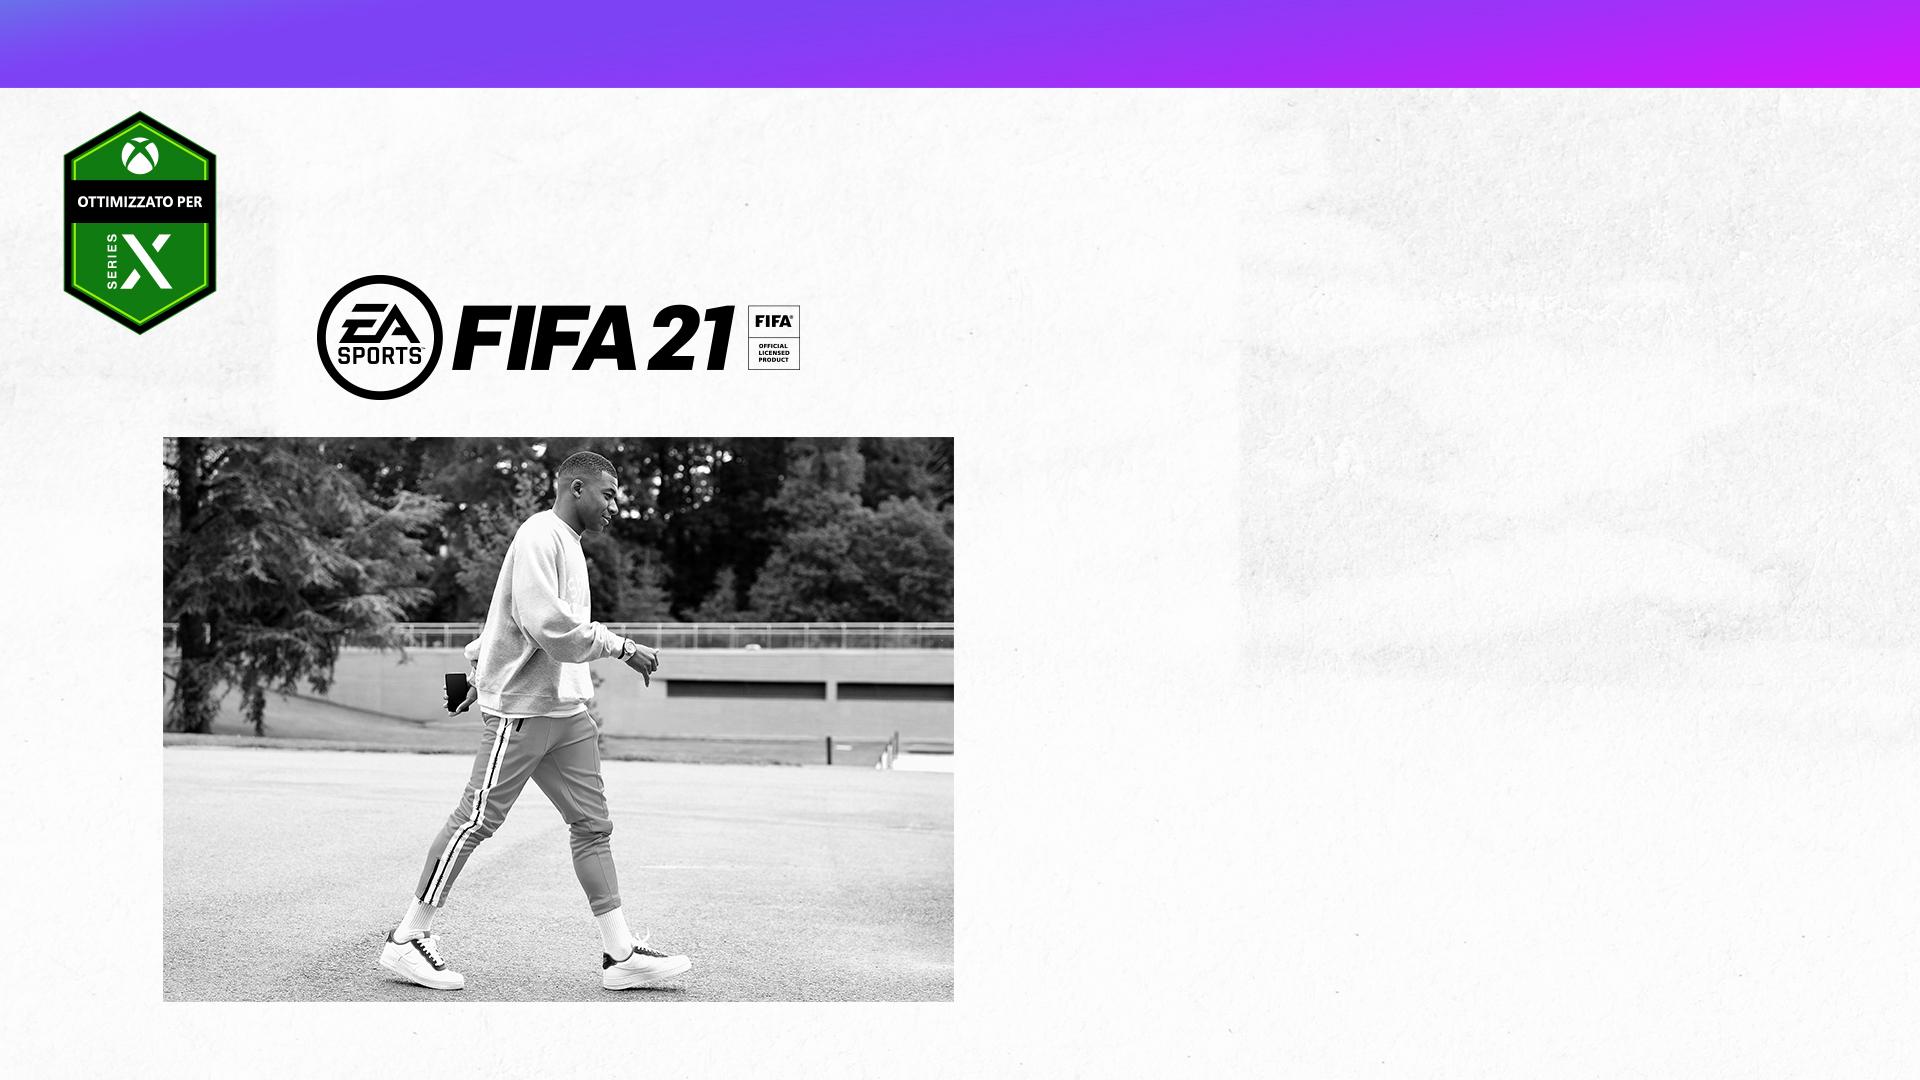 Ottimizzato per Xbox Series X, logo di EA Sports, FIFA 21, prodotto con licenza ufficiale FIFA, Kylian Mbappé che cammina